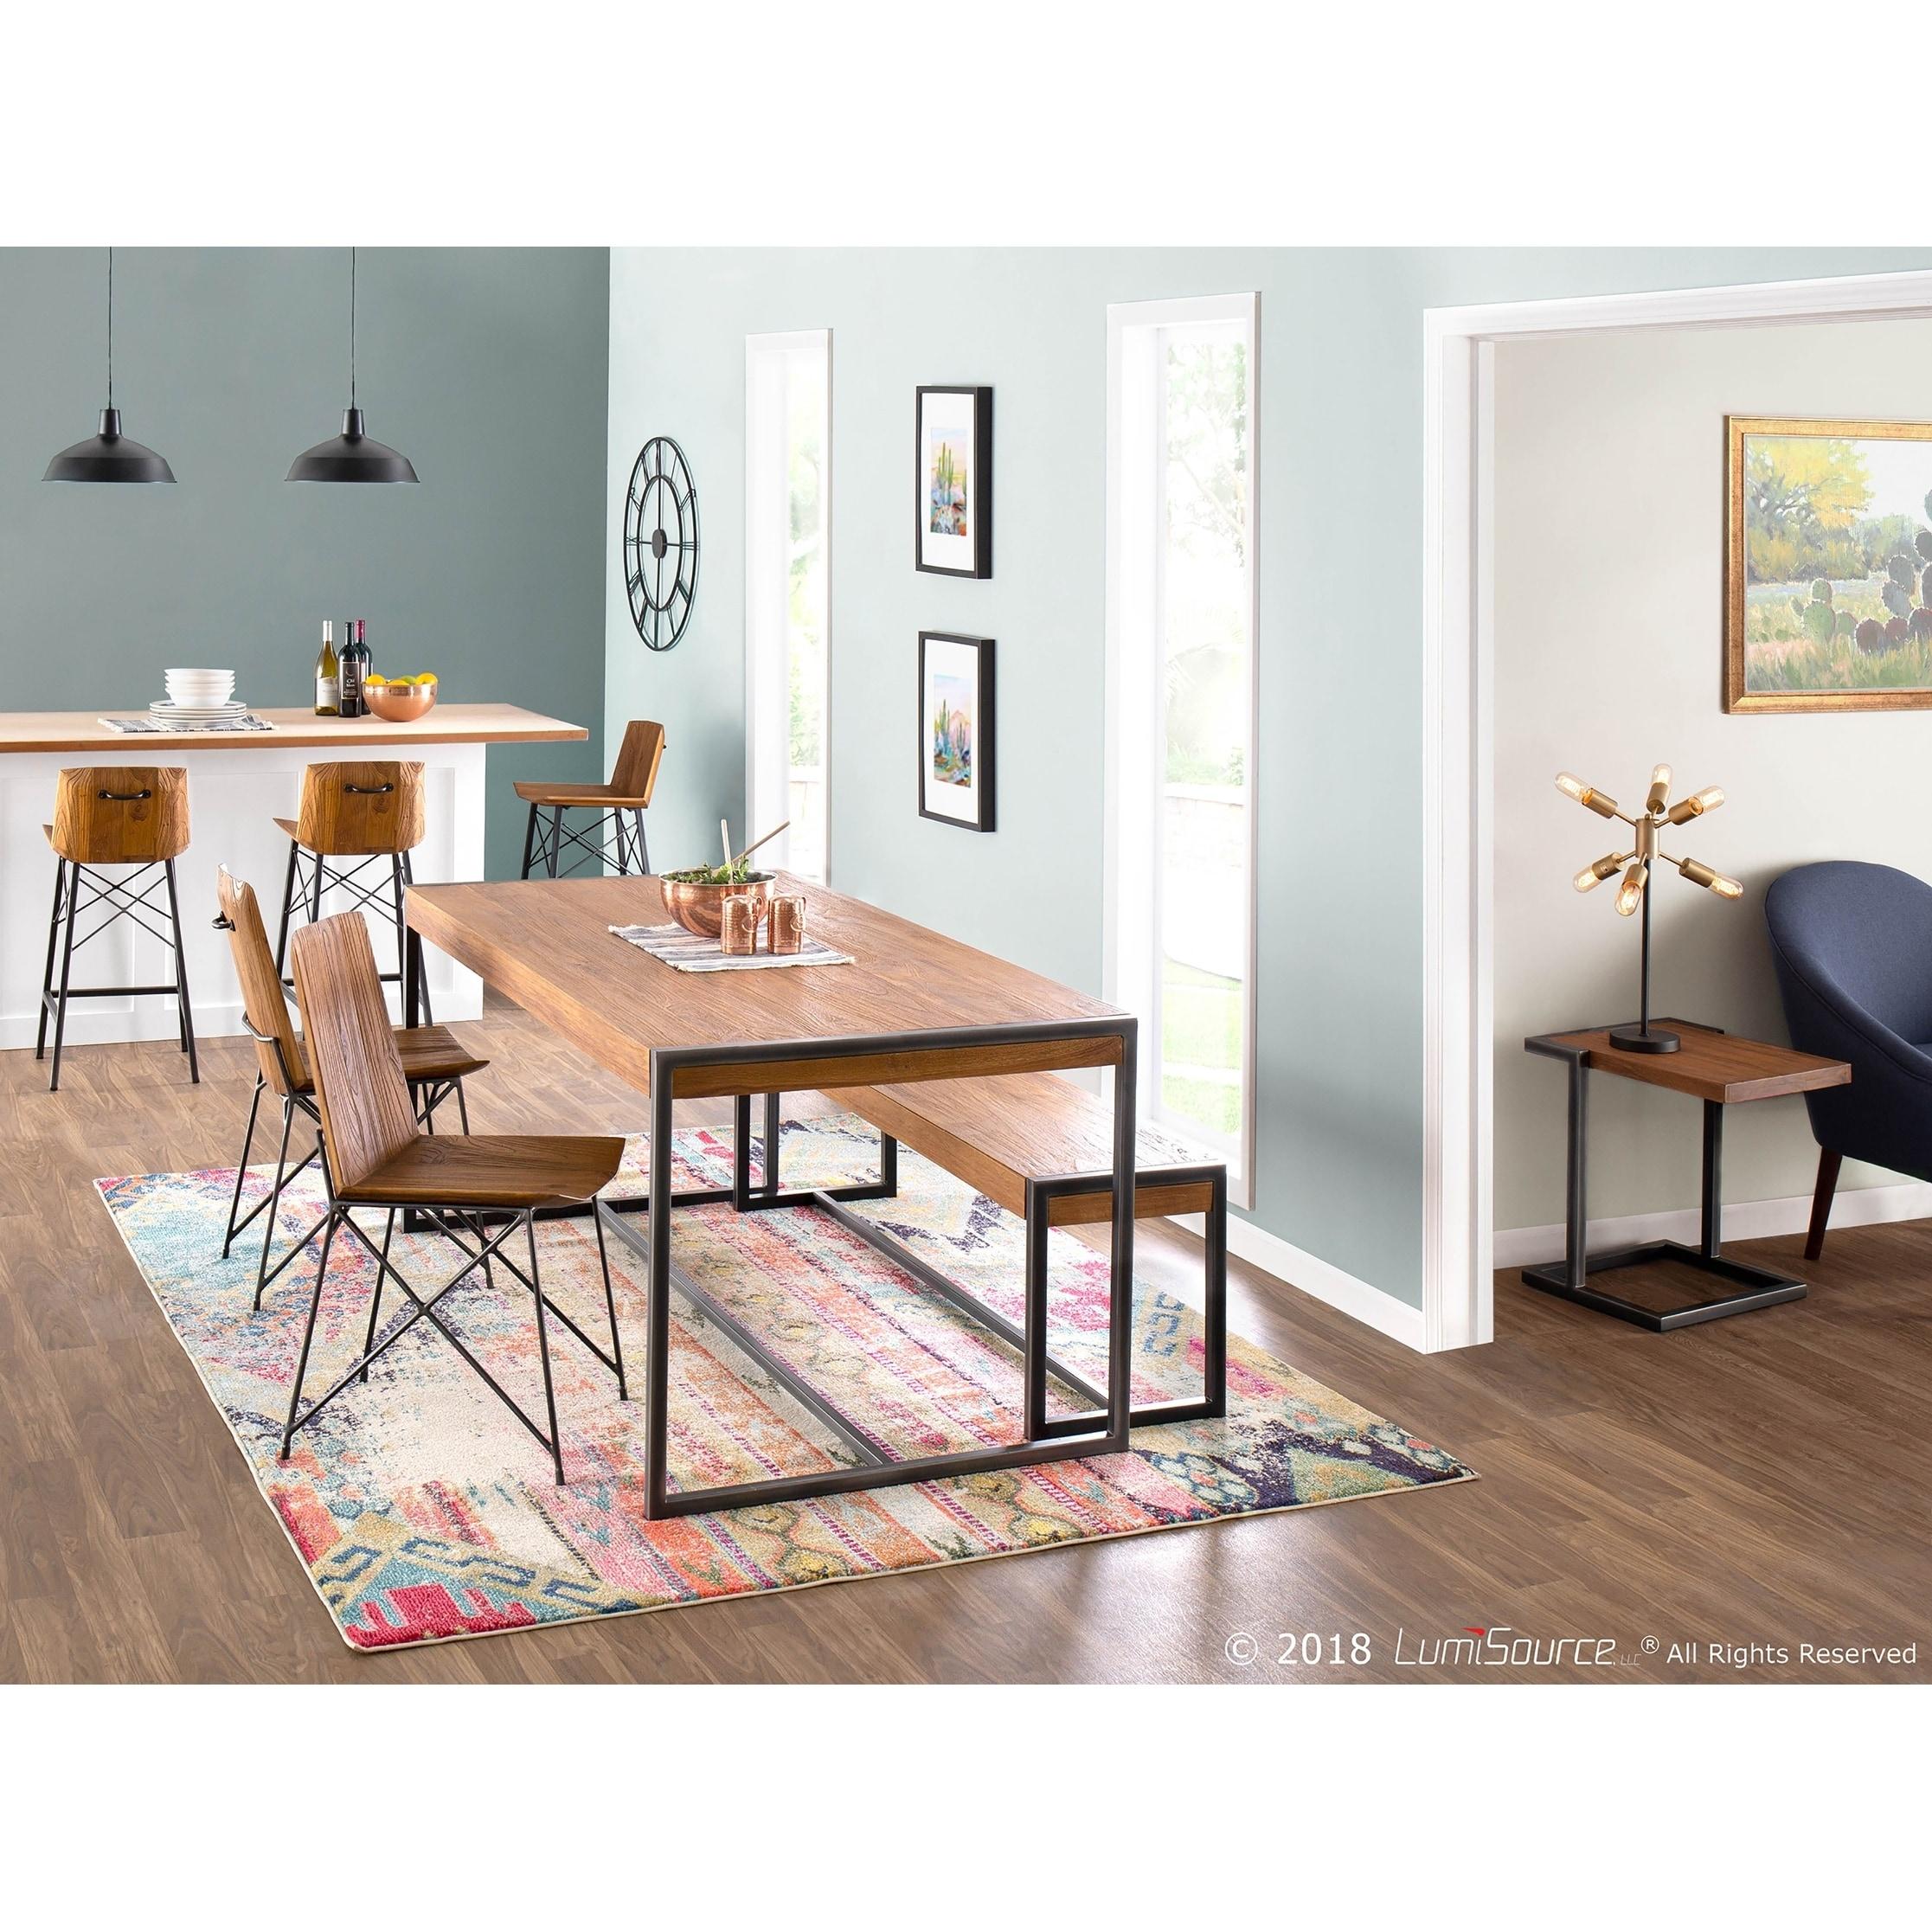 Java Industrial Dining Table in Metal and Teak Wood - Brown